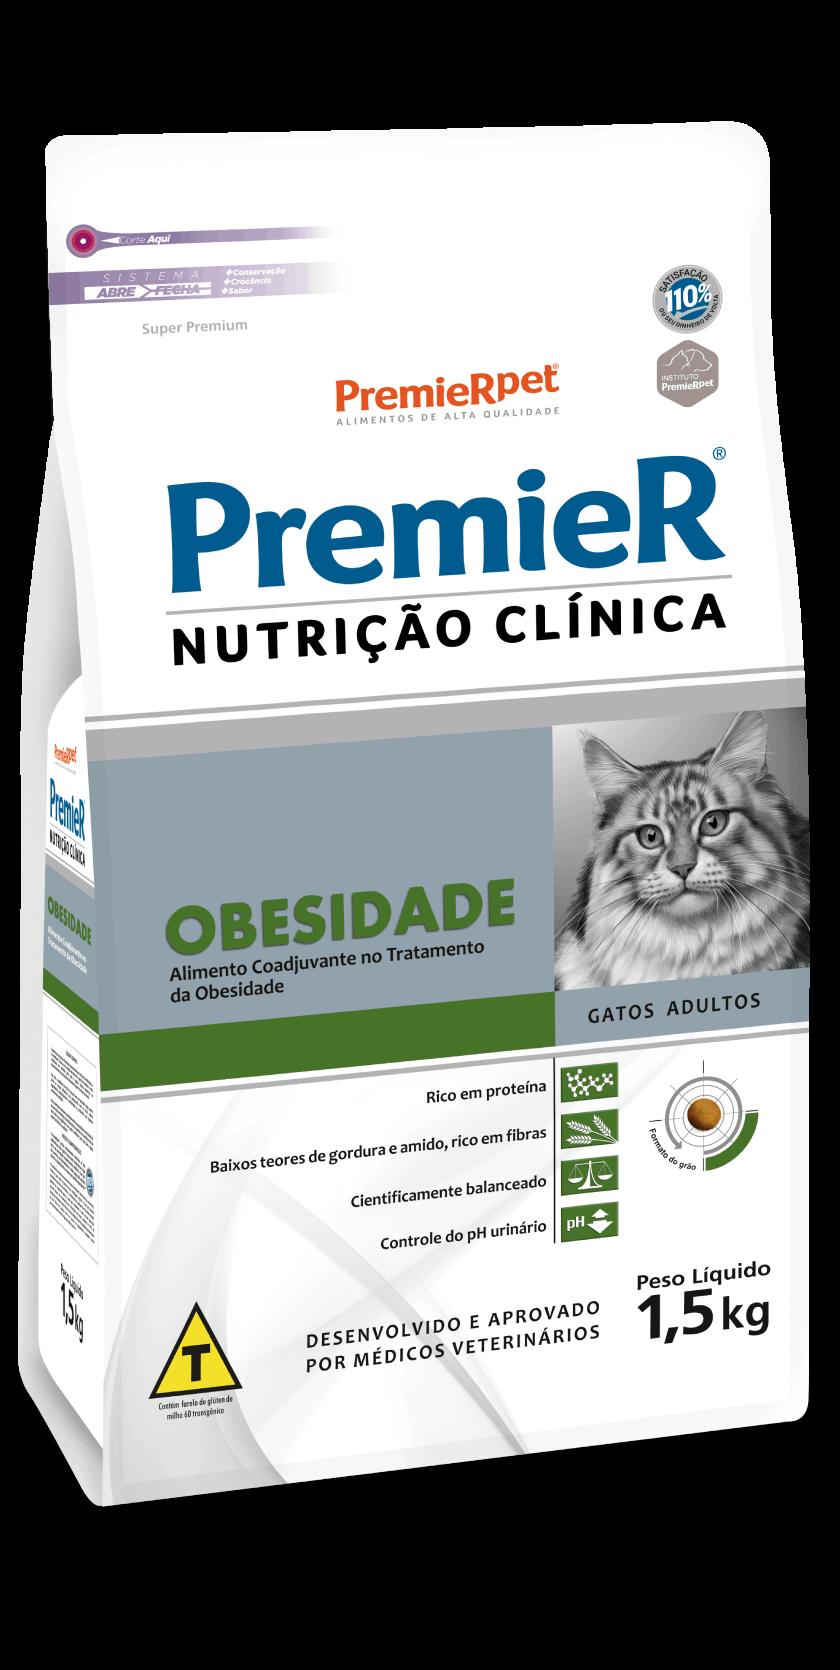 Ração Premier Nutrição Clínica Obesidade para Gatos Adultos 1,5 Kg